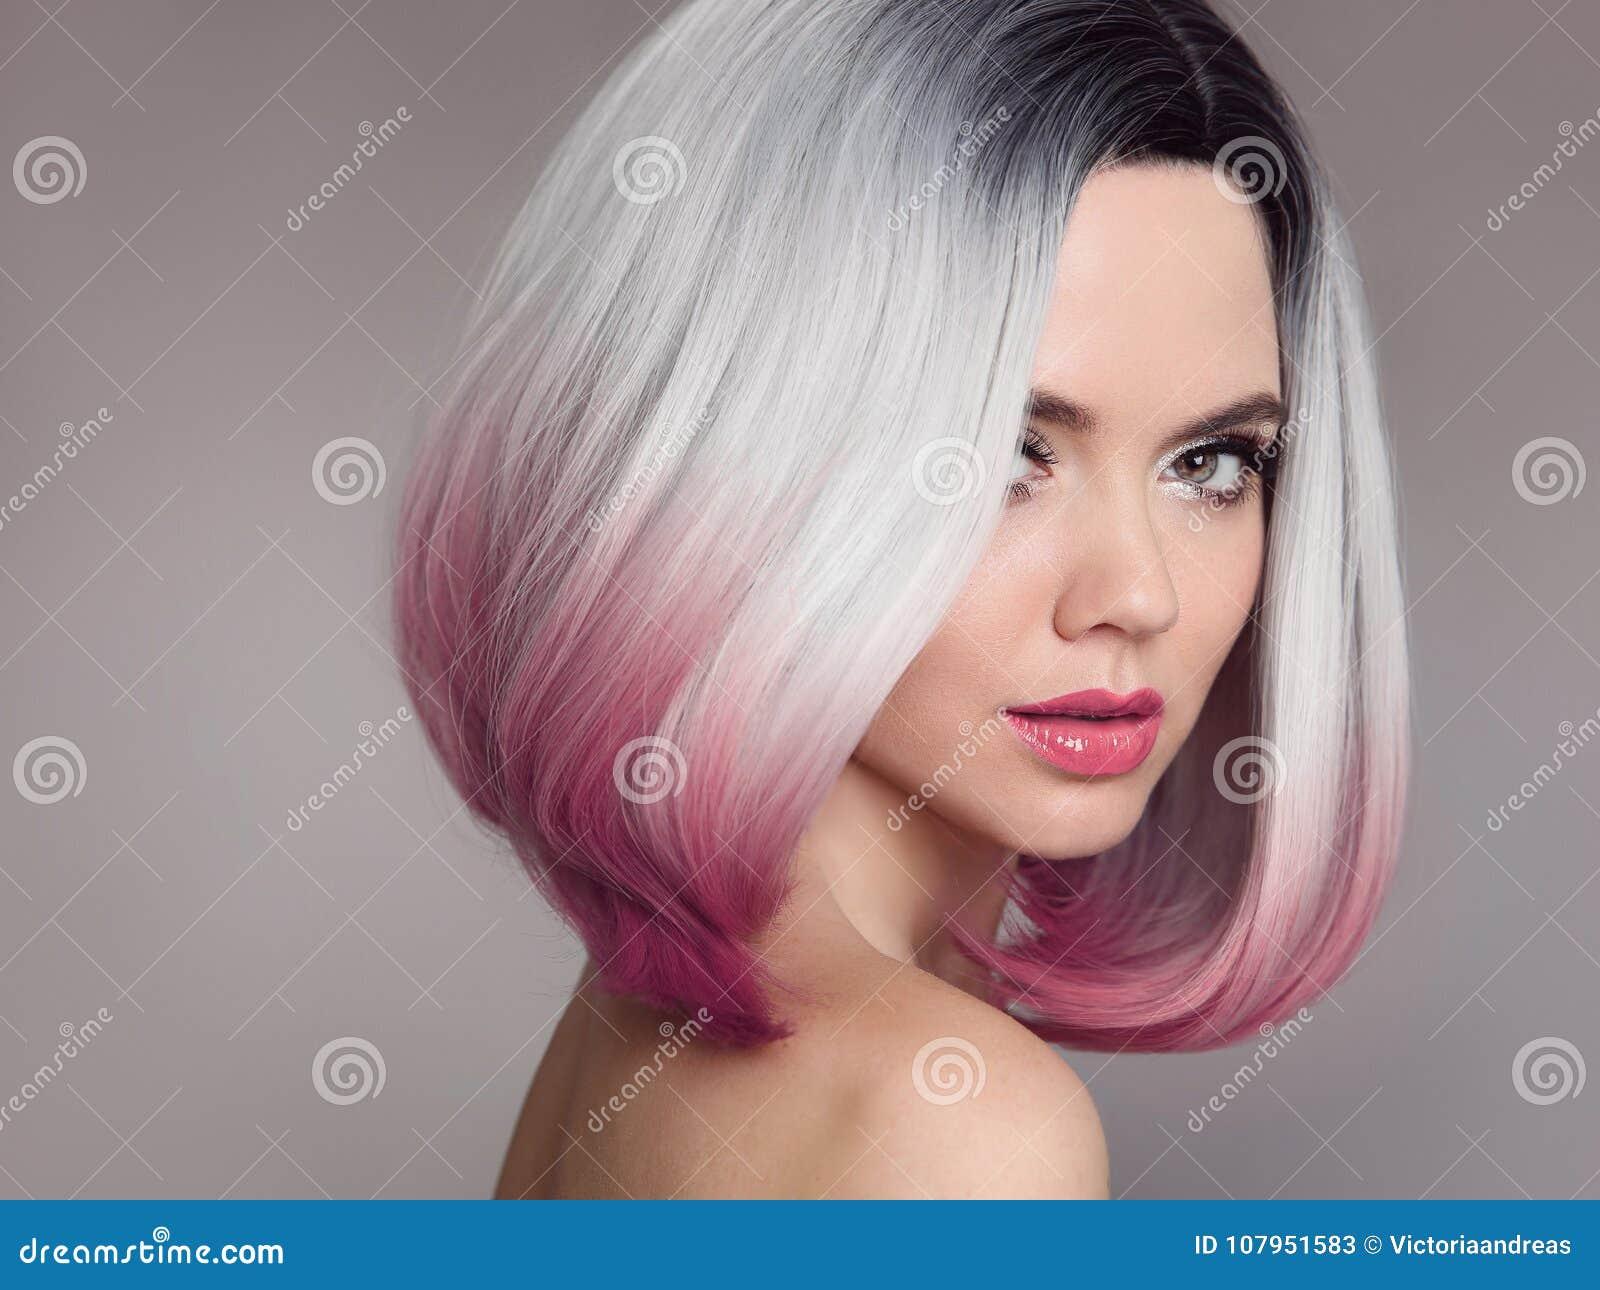 Ombre Koczka Skrótu Fryzura Piękna Włosianej Kolorystyki Kobieta